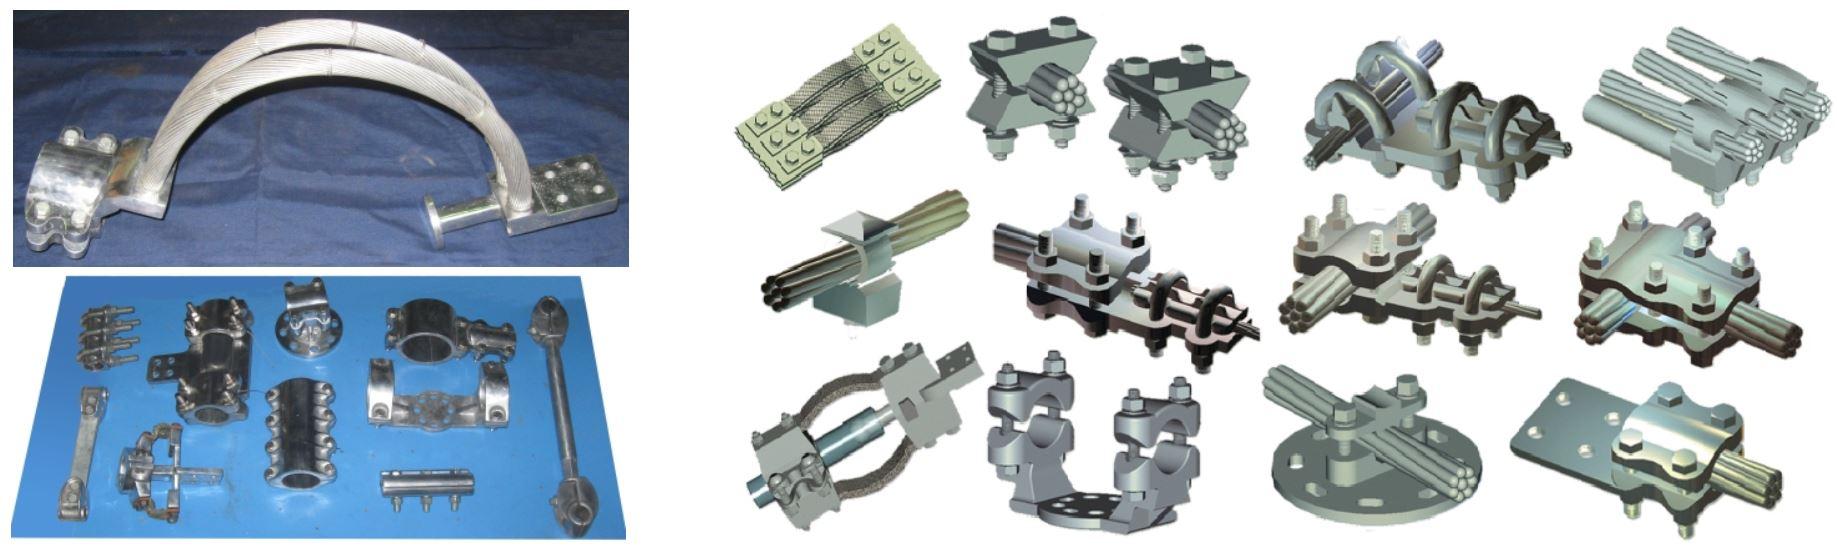 33kV / 66kV / 132kV / 220kV SUBSTATION CONNECTORS